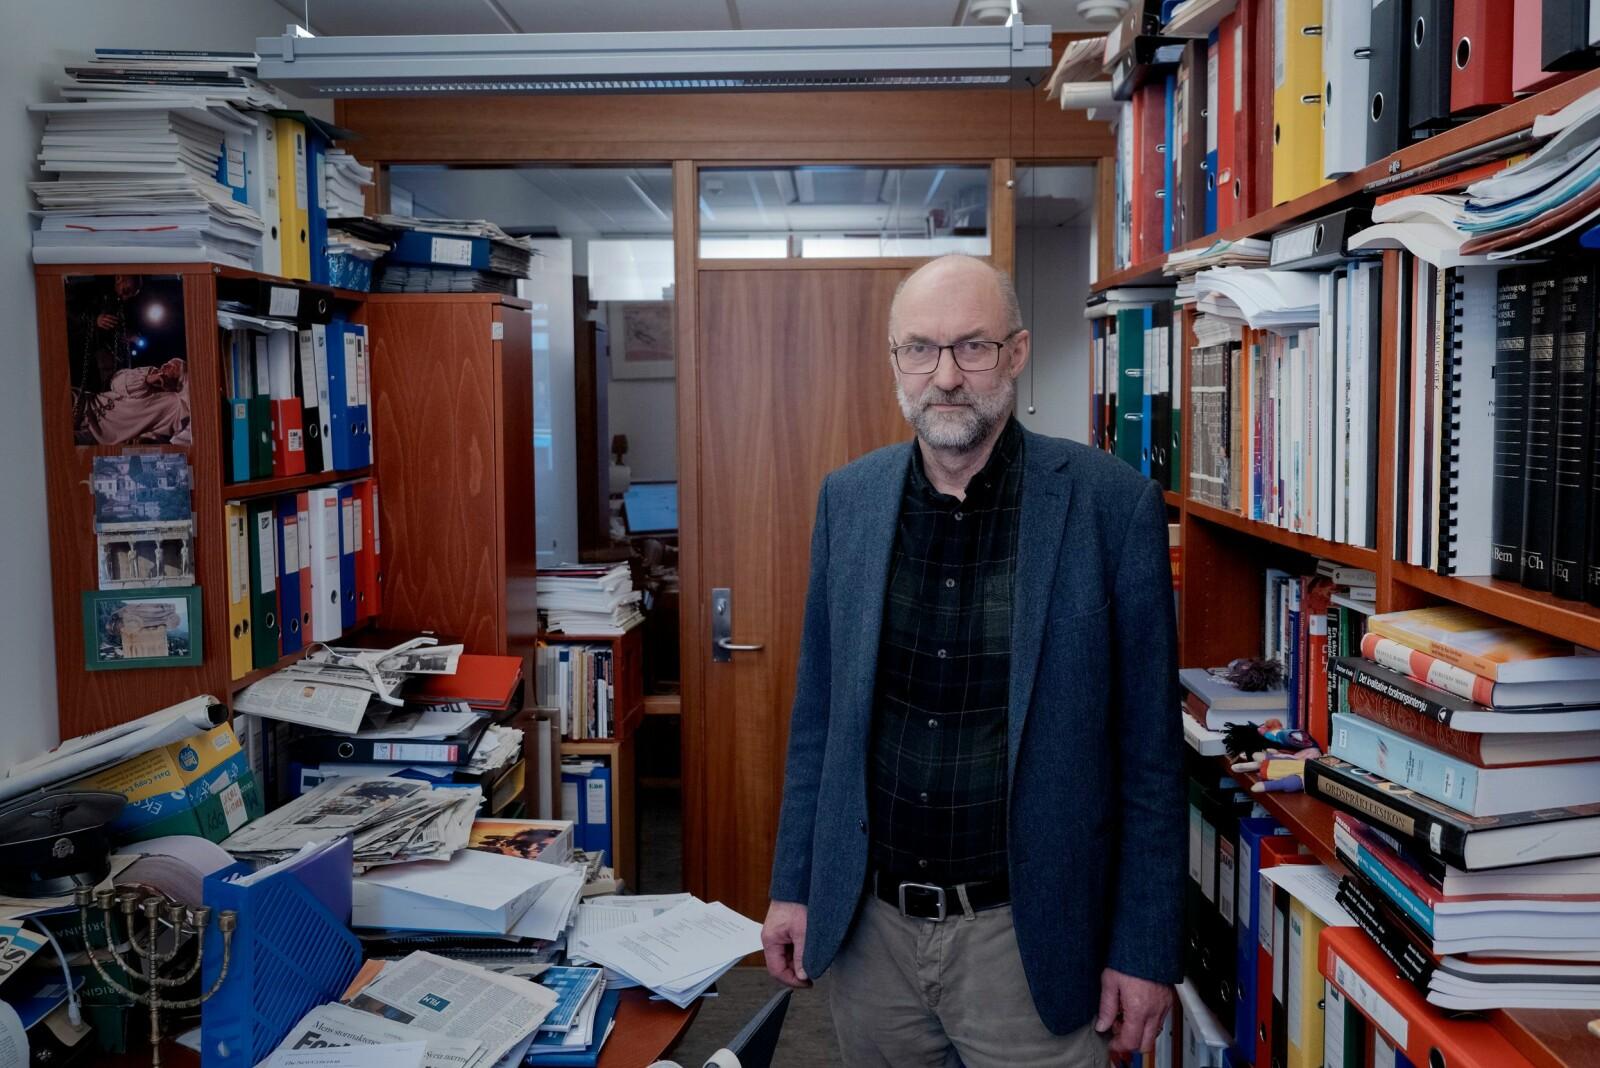 Tor-Helge Allern er ein av dei hardaste krtikarane av strukturprosessen ved Nord universitet. Han har arbeidd på Nesna sidan 1990. Foto: Paul S. Amundsen